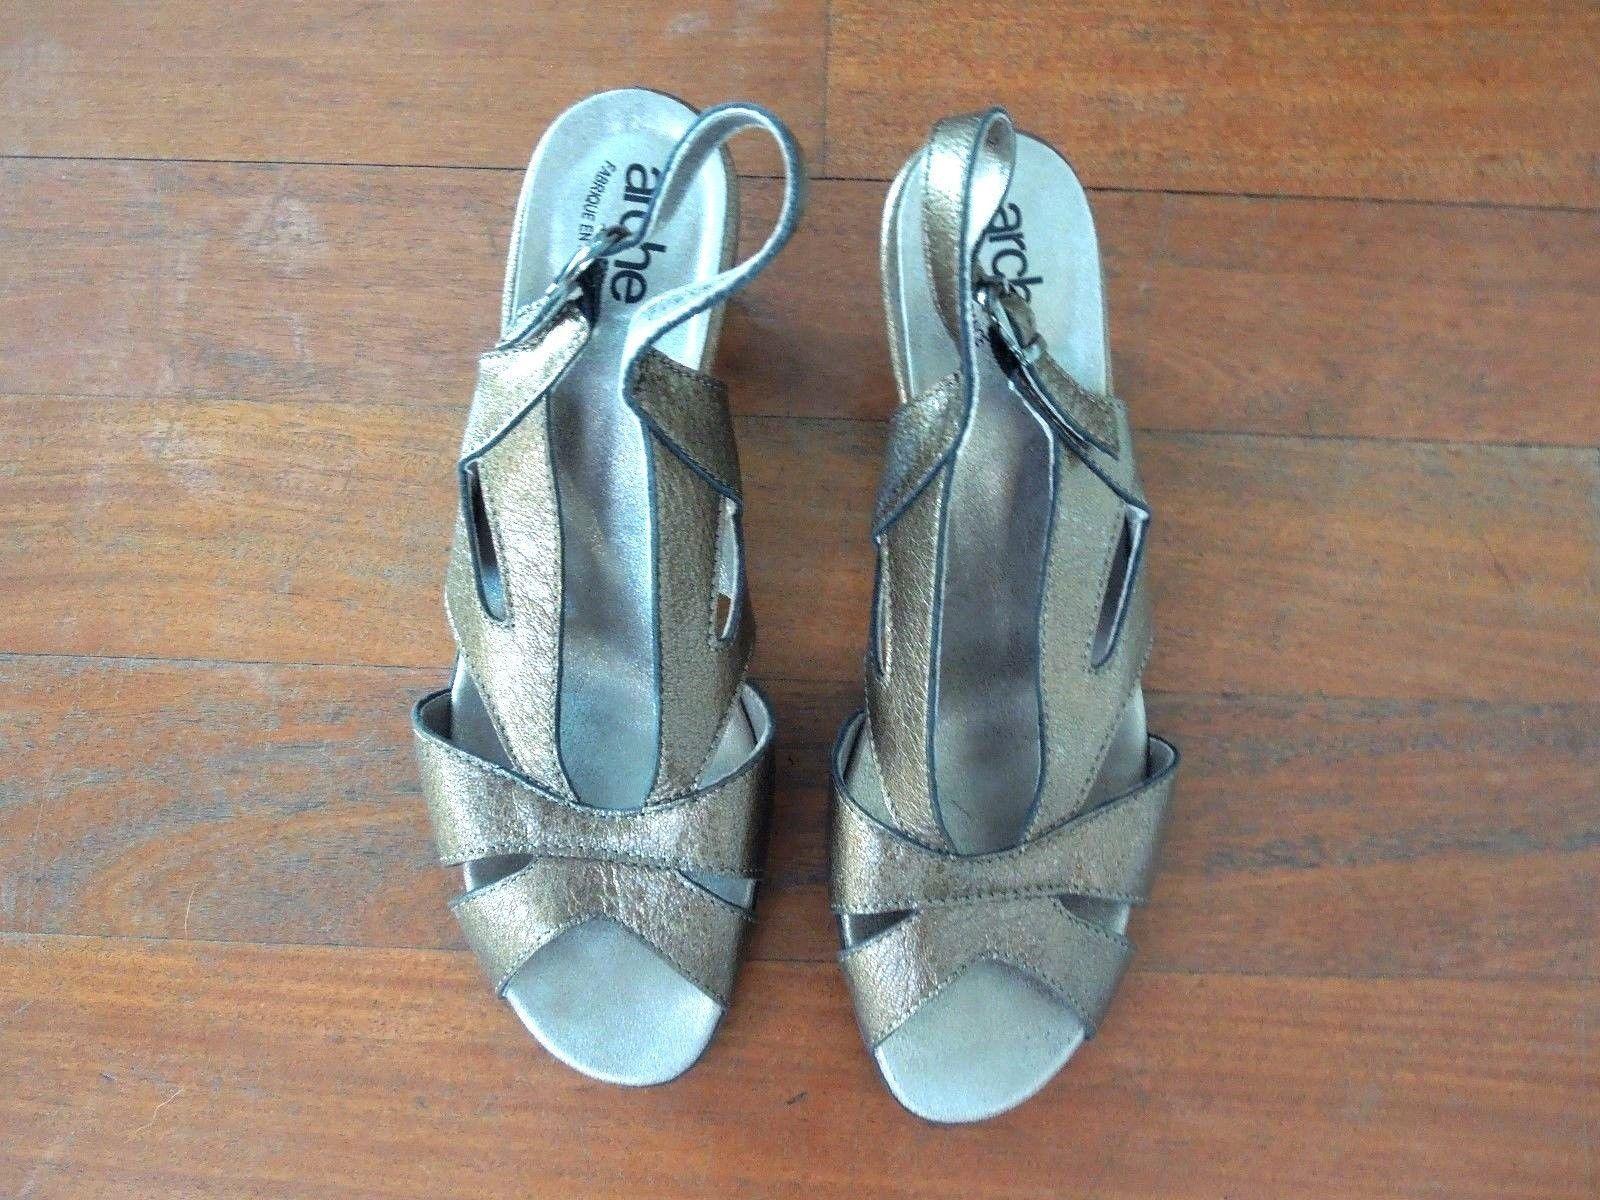 Arche Metallic Bronze Leather Slingbacks Sandals shoes sz 40